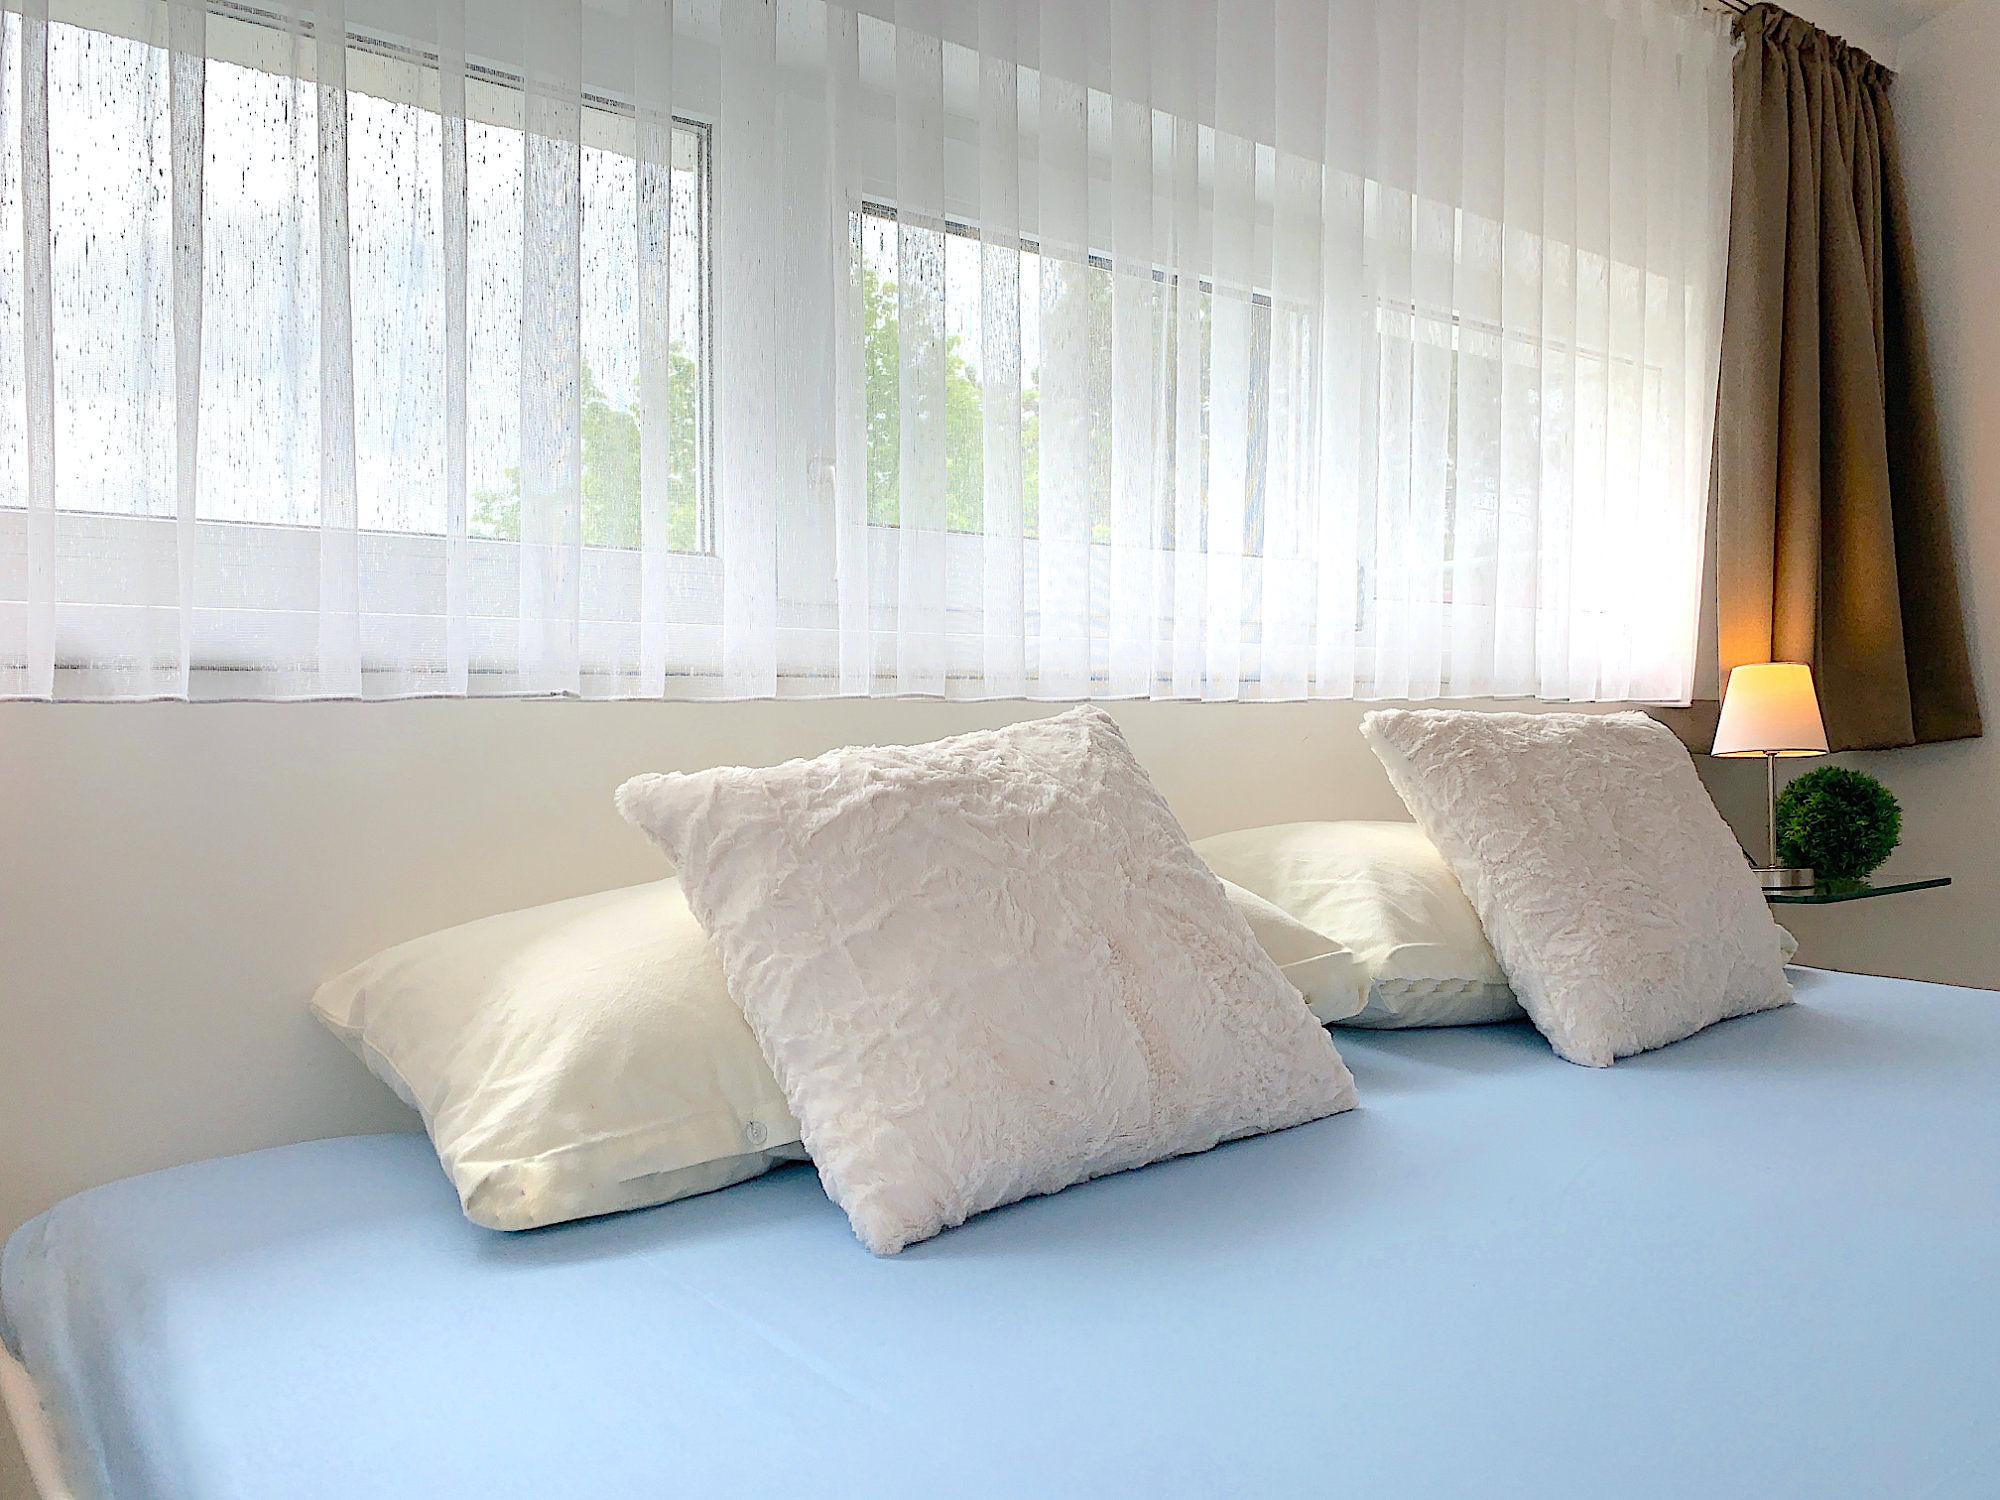 Zweites Schlafzimmer mit Doppelbett, Kopfteil, dahinter ein breites Fenster